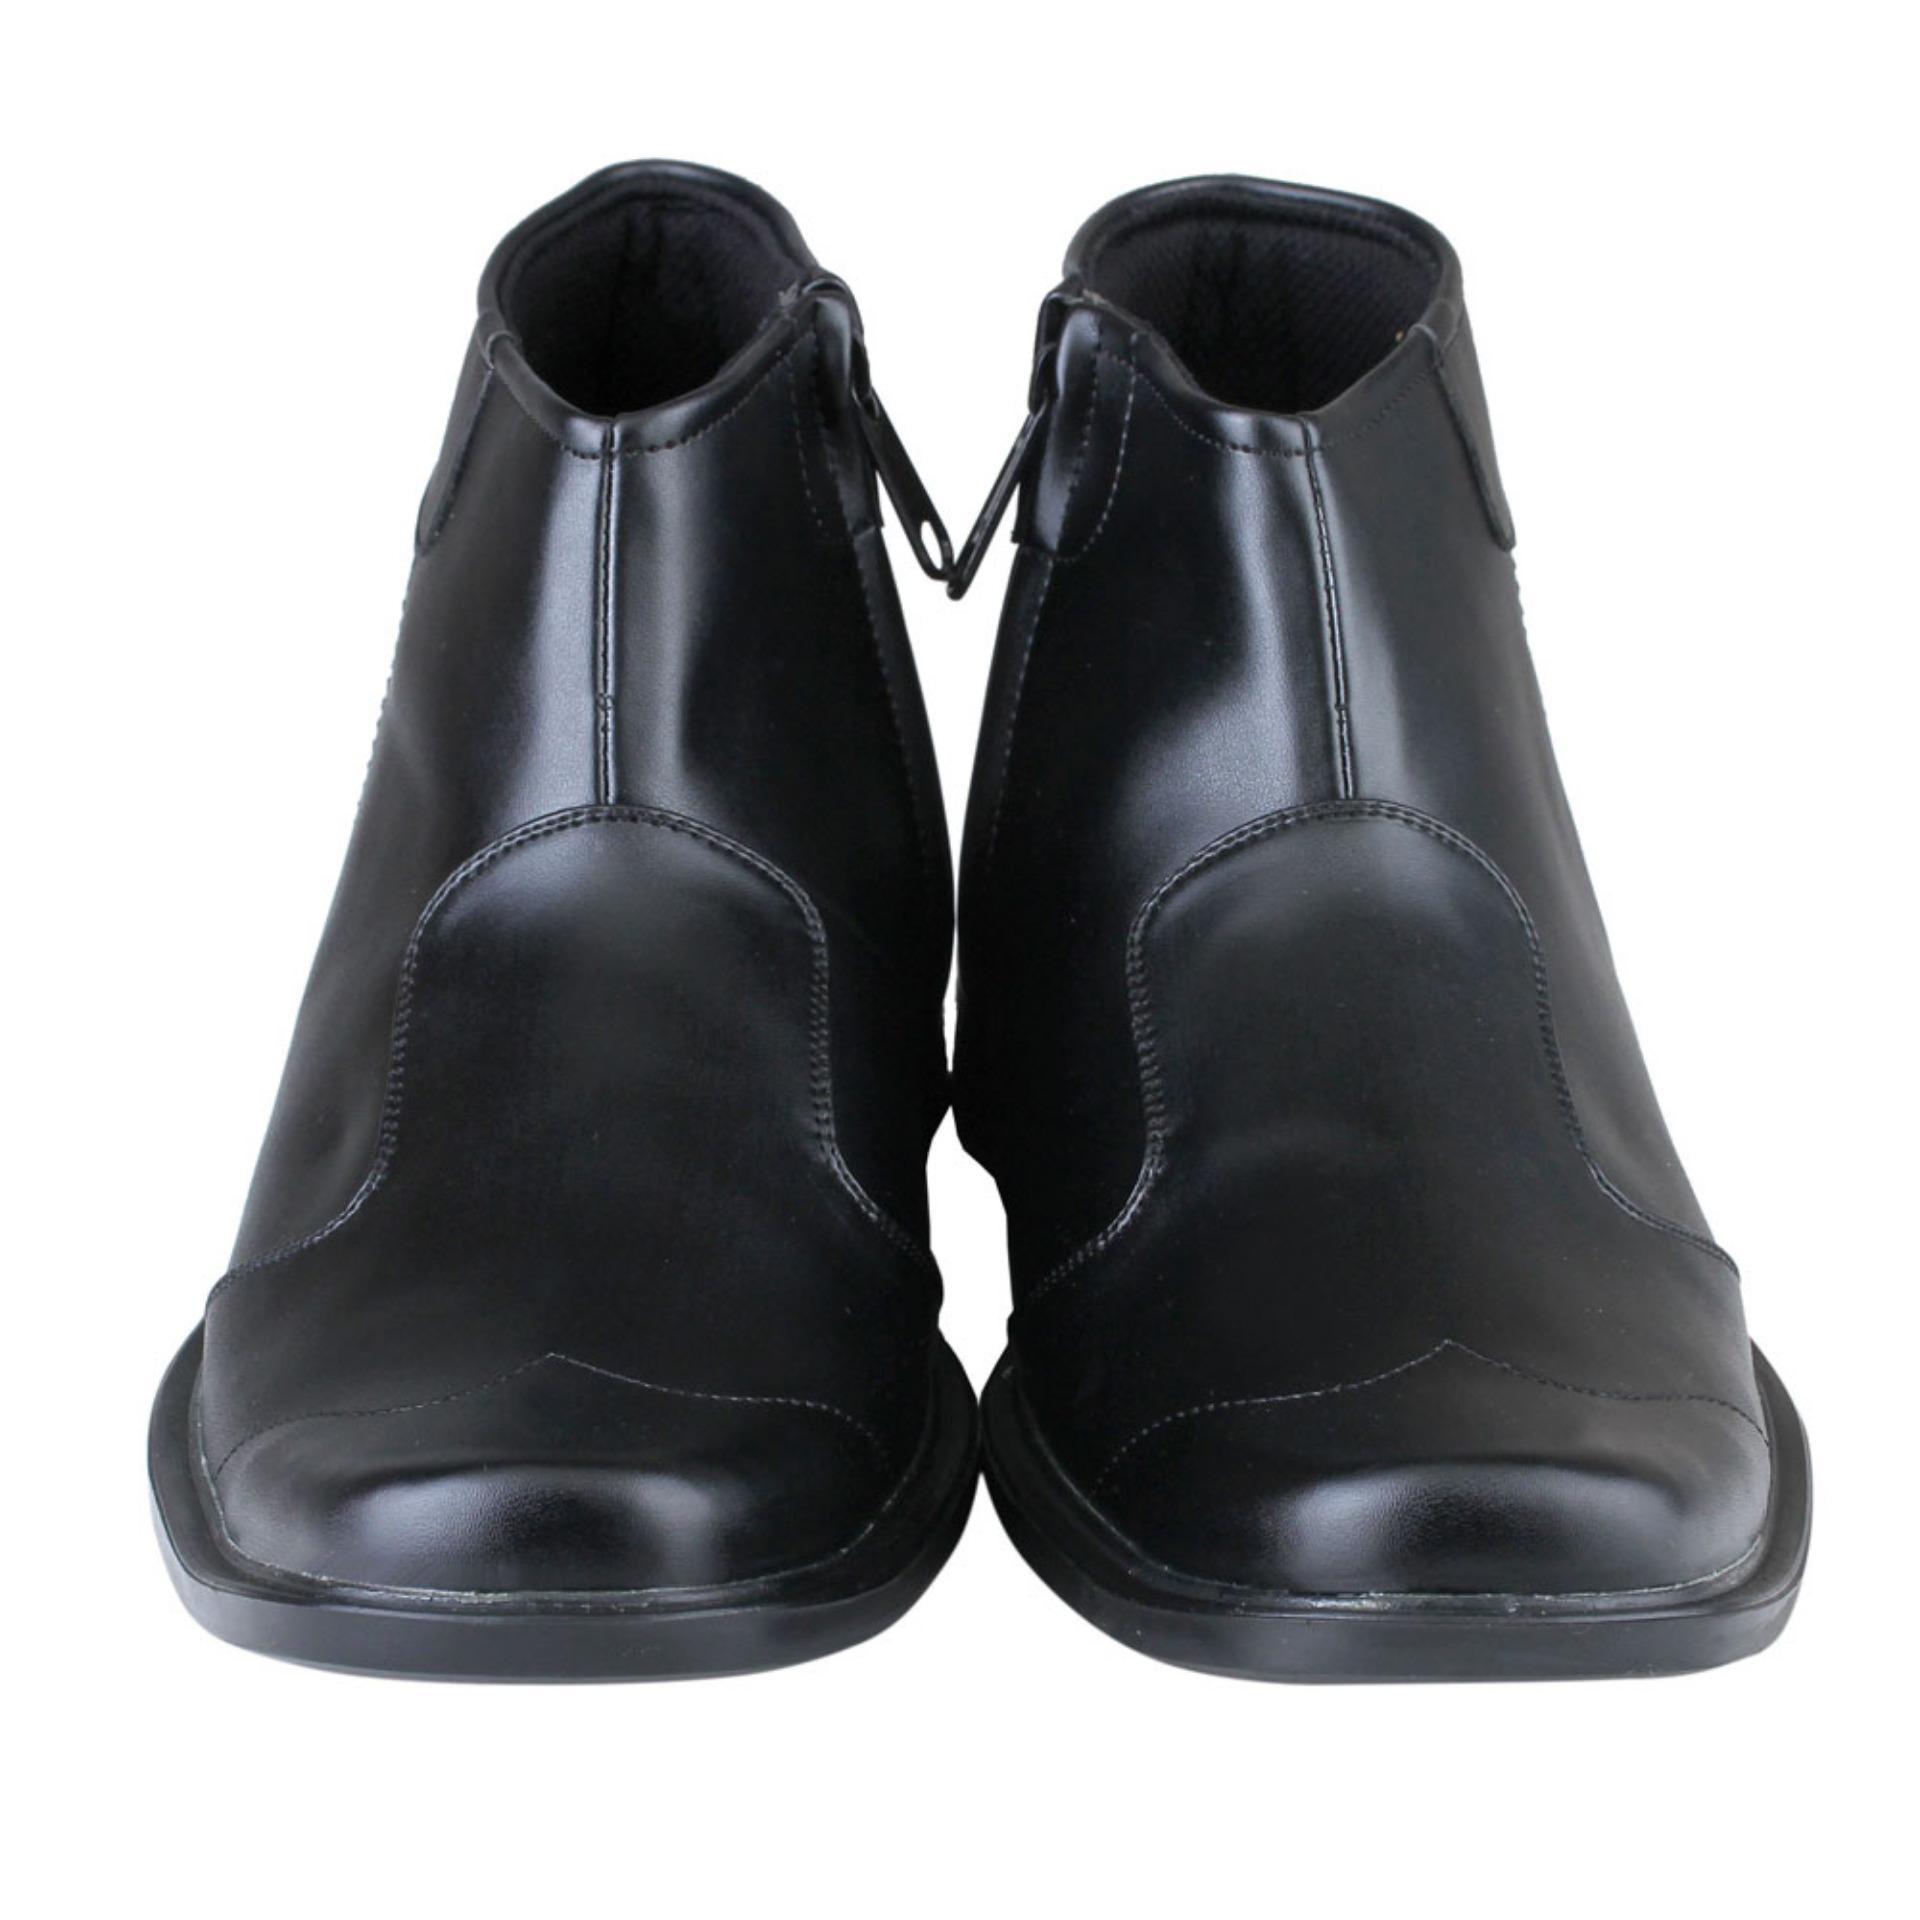 Distro Vd 488 Sepatu Boots Formal Pantofel Pria Untuk Kerja Dan Bsm Soga 275 Kulit Asli Elegan Hitam Ds 464 Boot Kantor